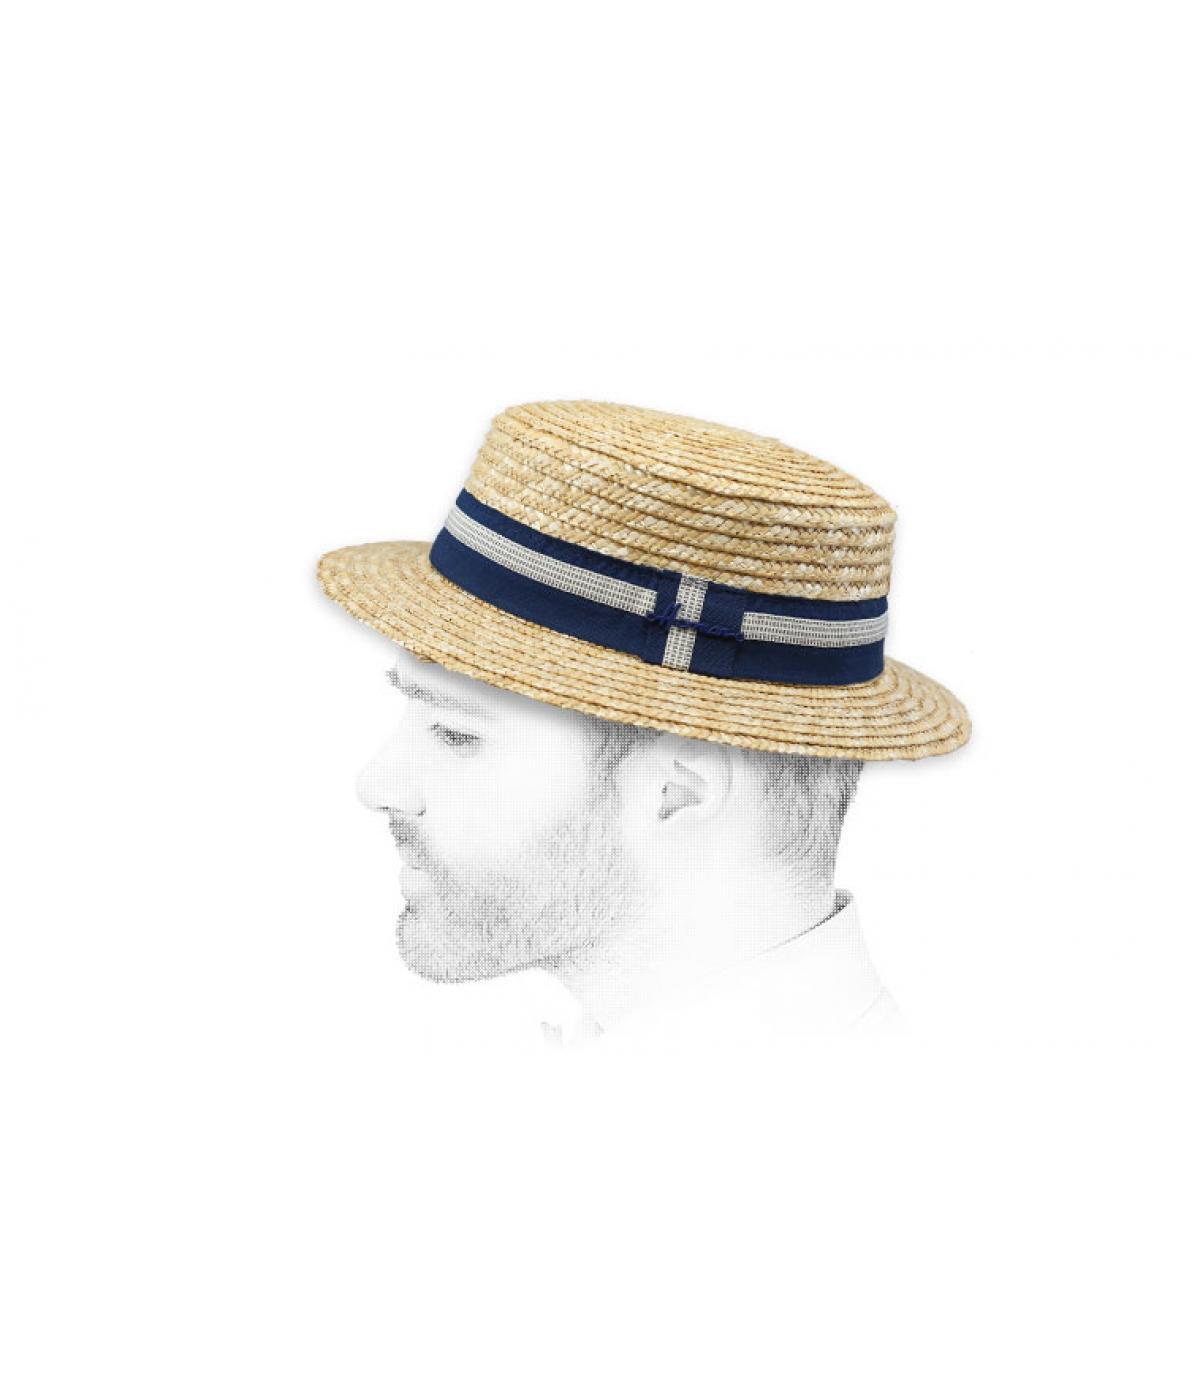 Cappello di paglia alla fragola a strisce